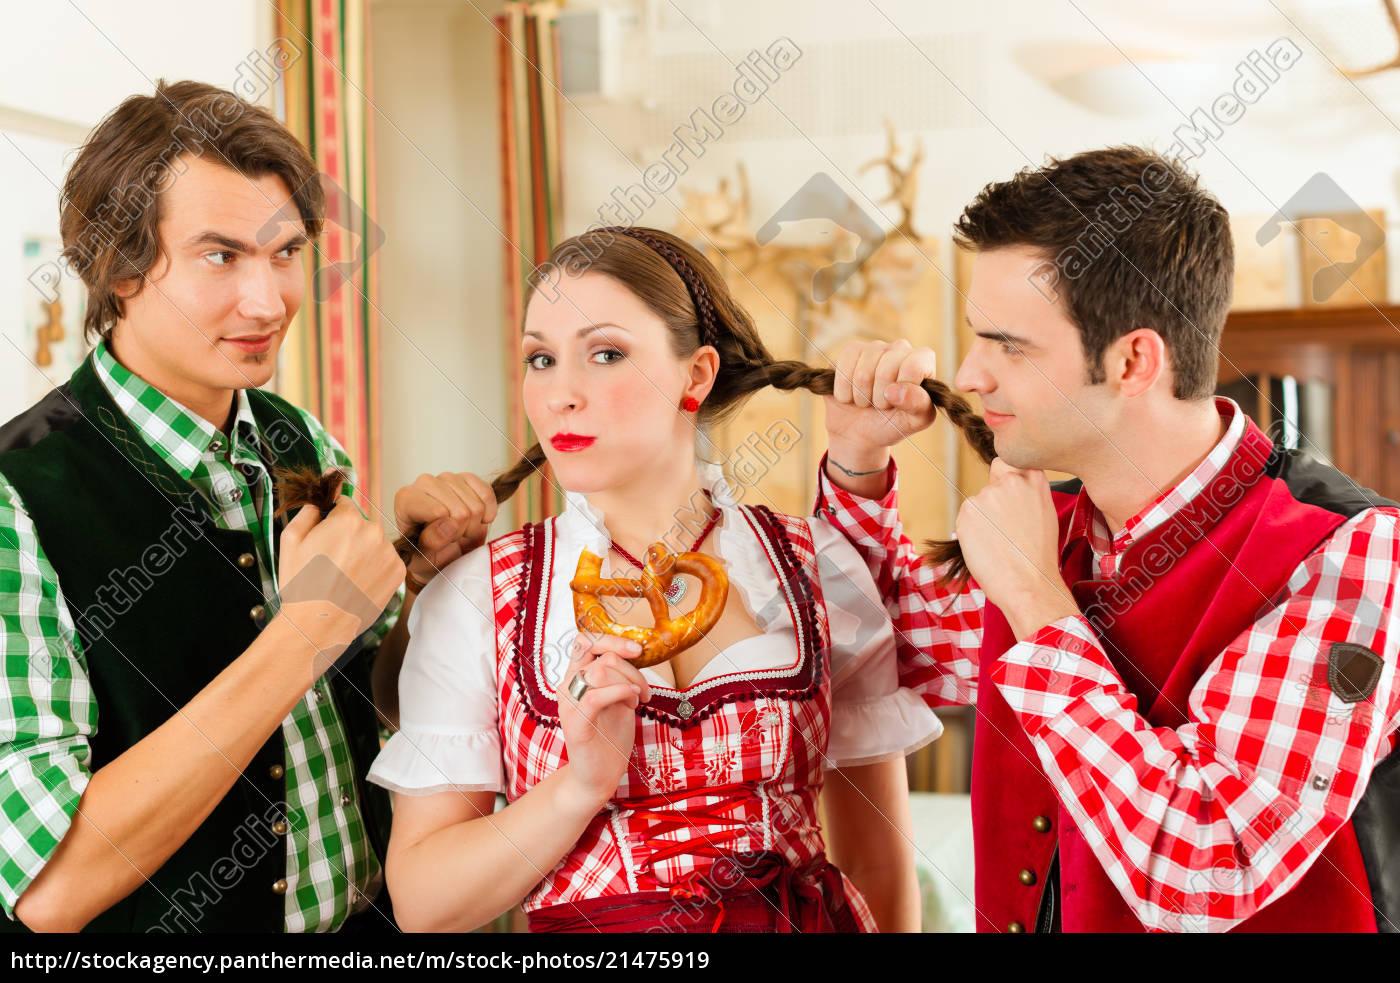 jugendliche, im, traditionellen, bayerischen, tracht, im - 21475919